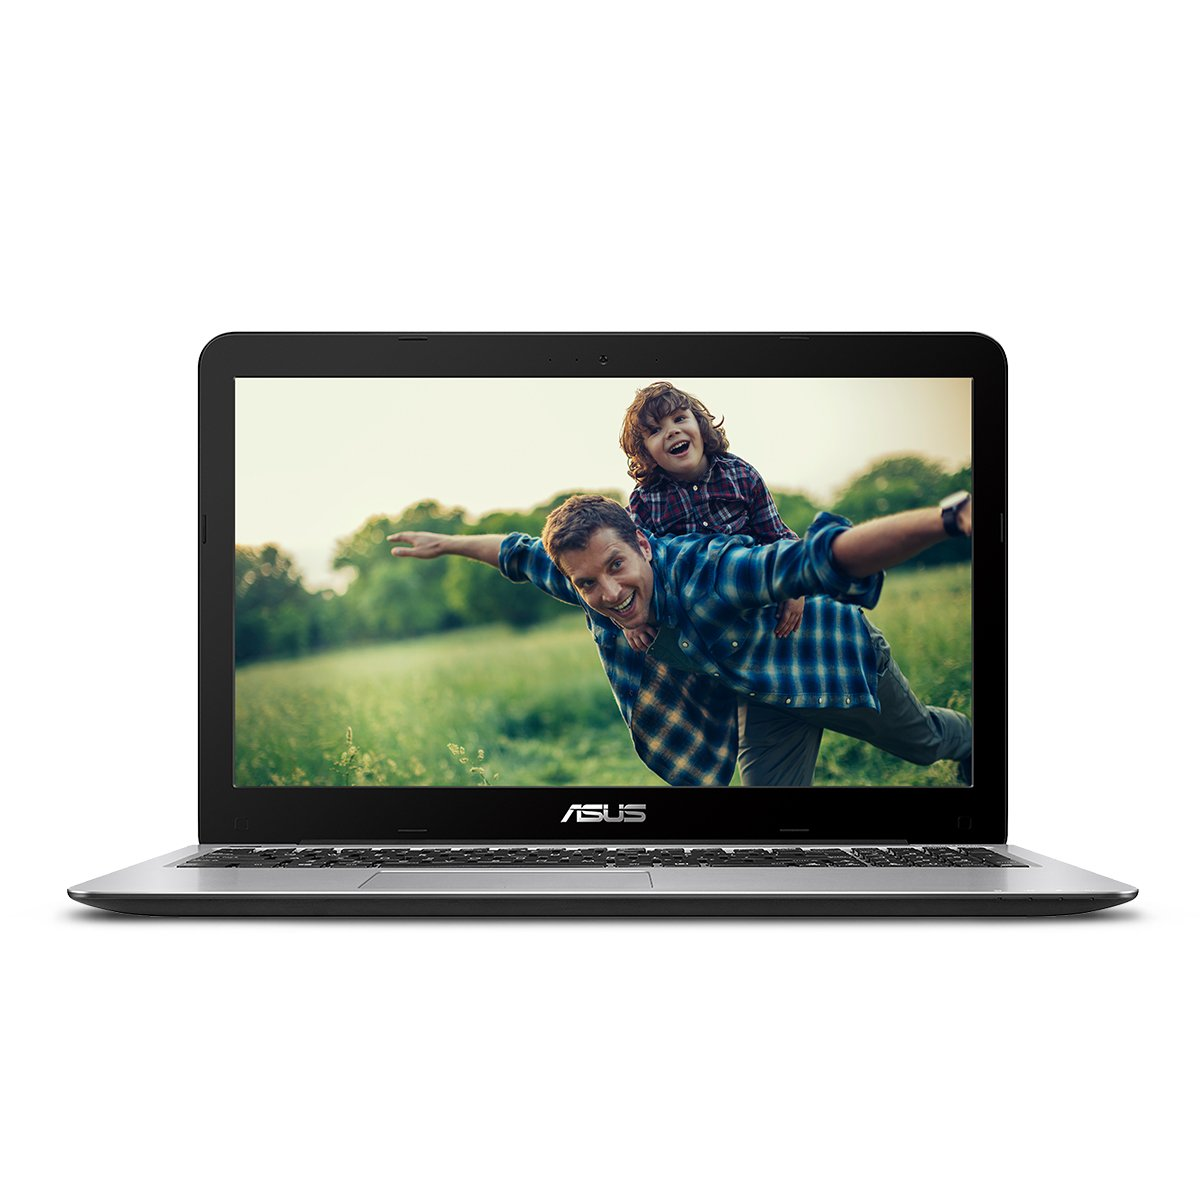 mejores laptops económicas 2017